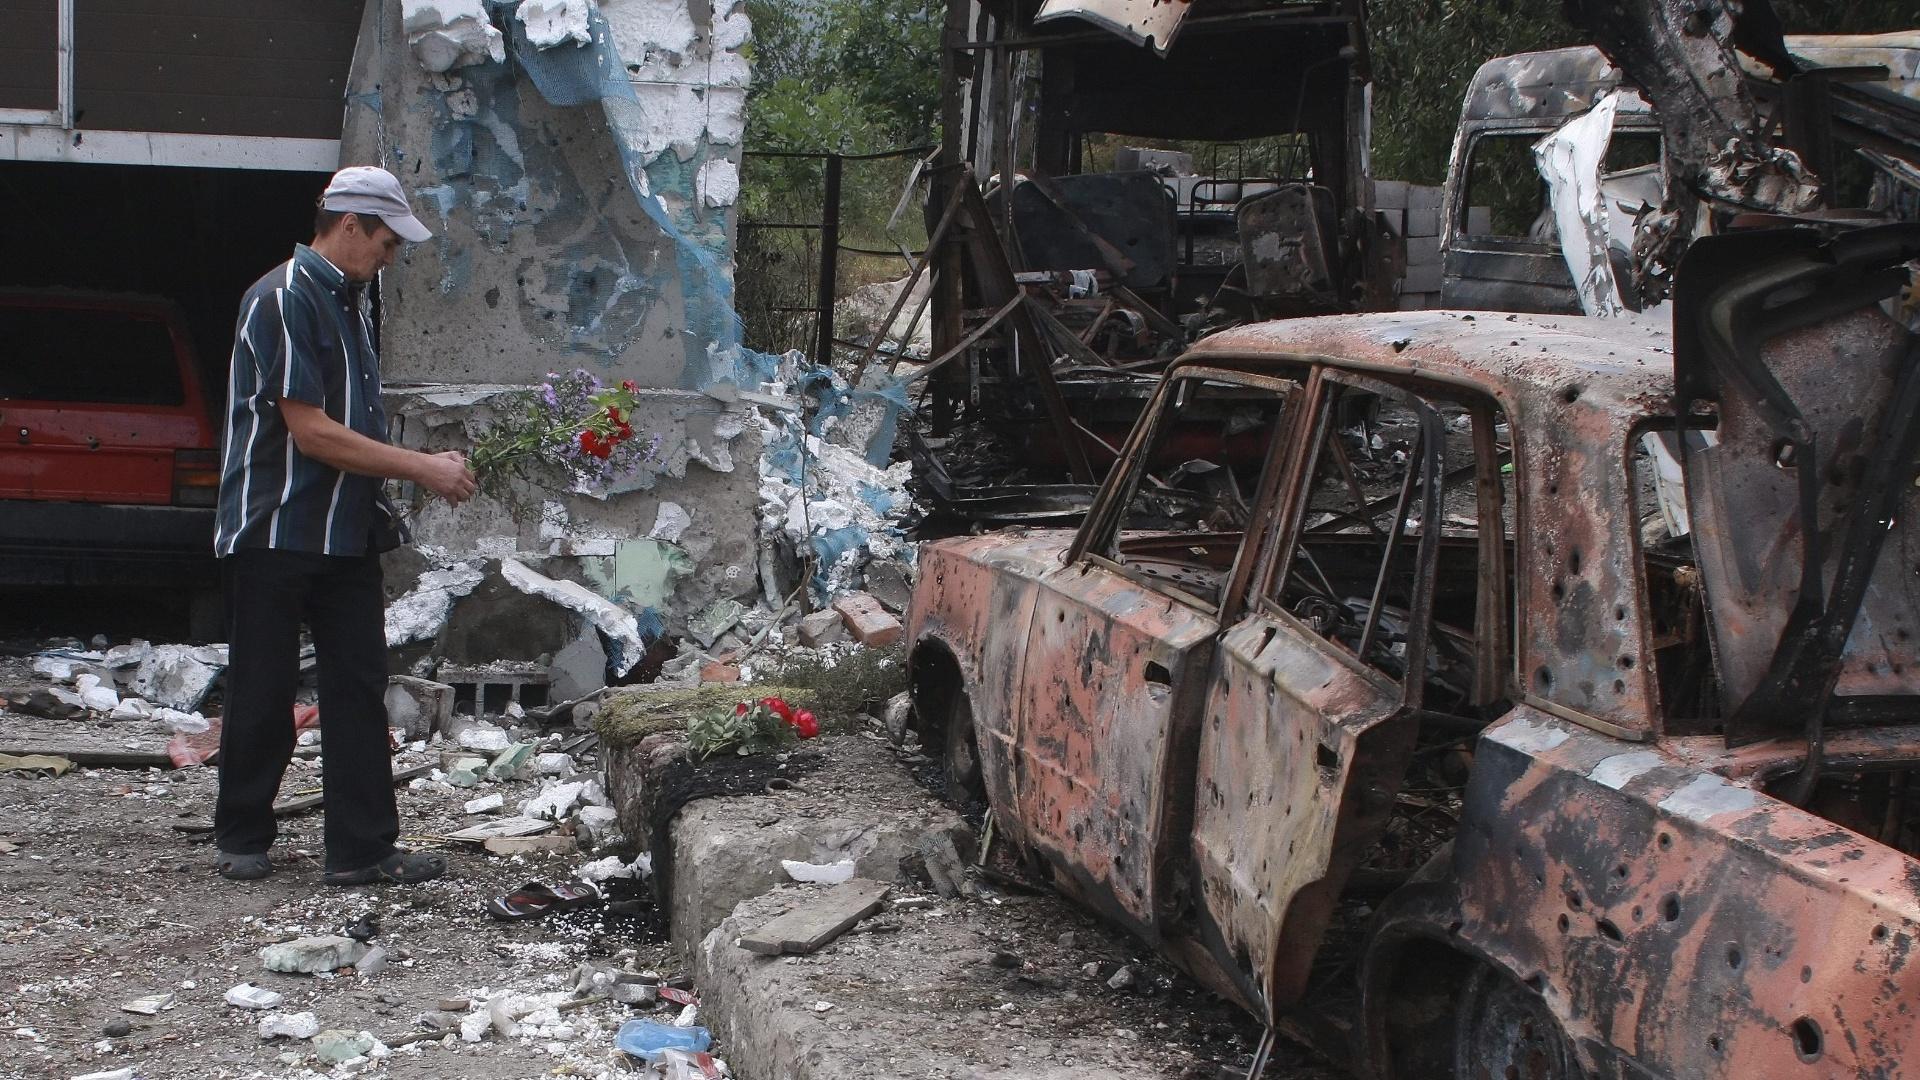 16.set.2014 - Homem deposita flores no lugar em que oito pessoas morreram hoje, após um bombardeio em Donetsk, na Ucrânia. A ex-primeira ministra ucraniana Yulia Timoshenko acusa o presidente, Petró Poroshenko, de